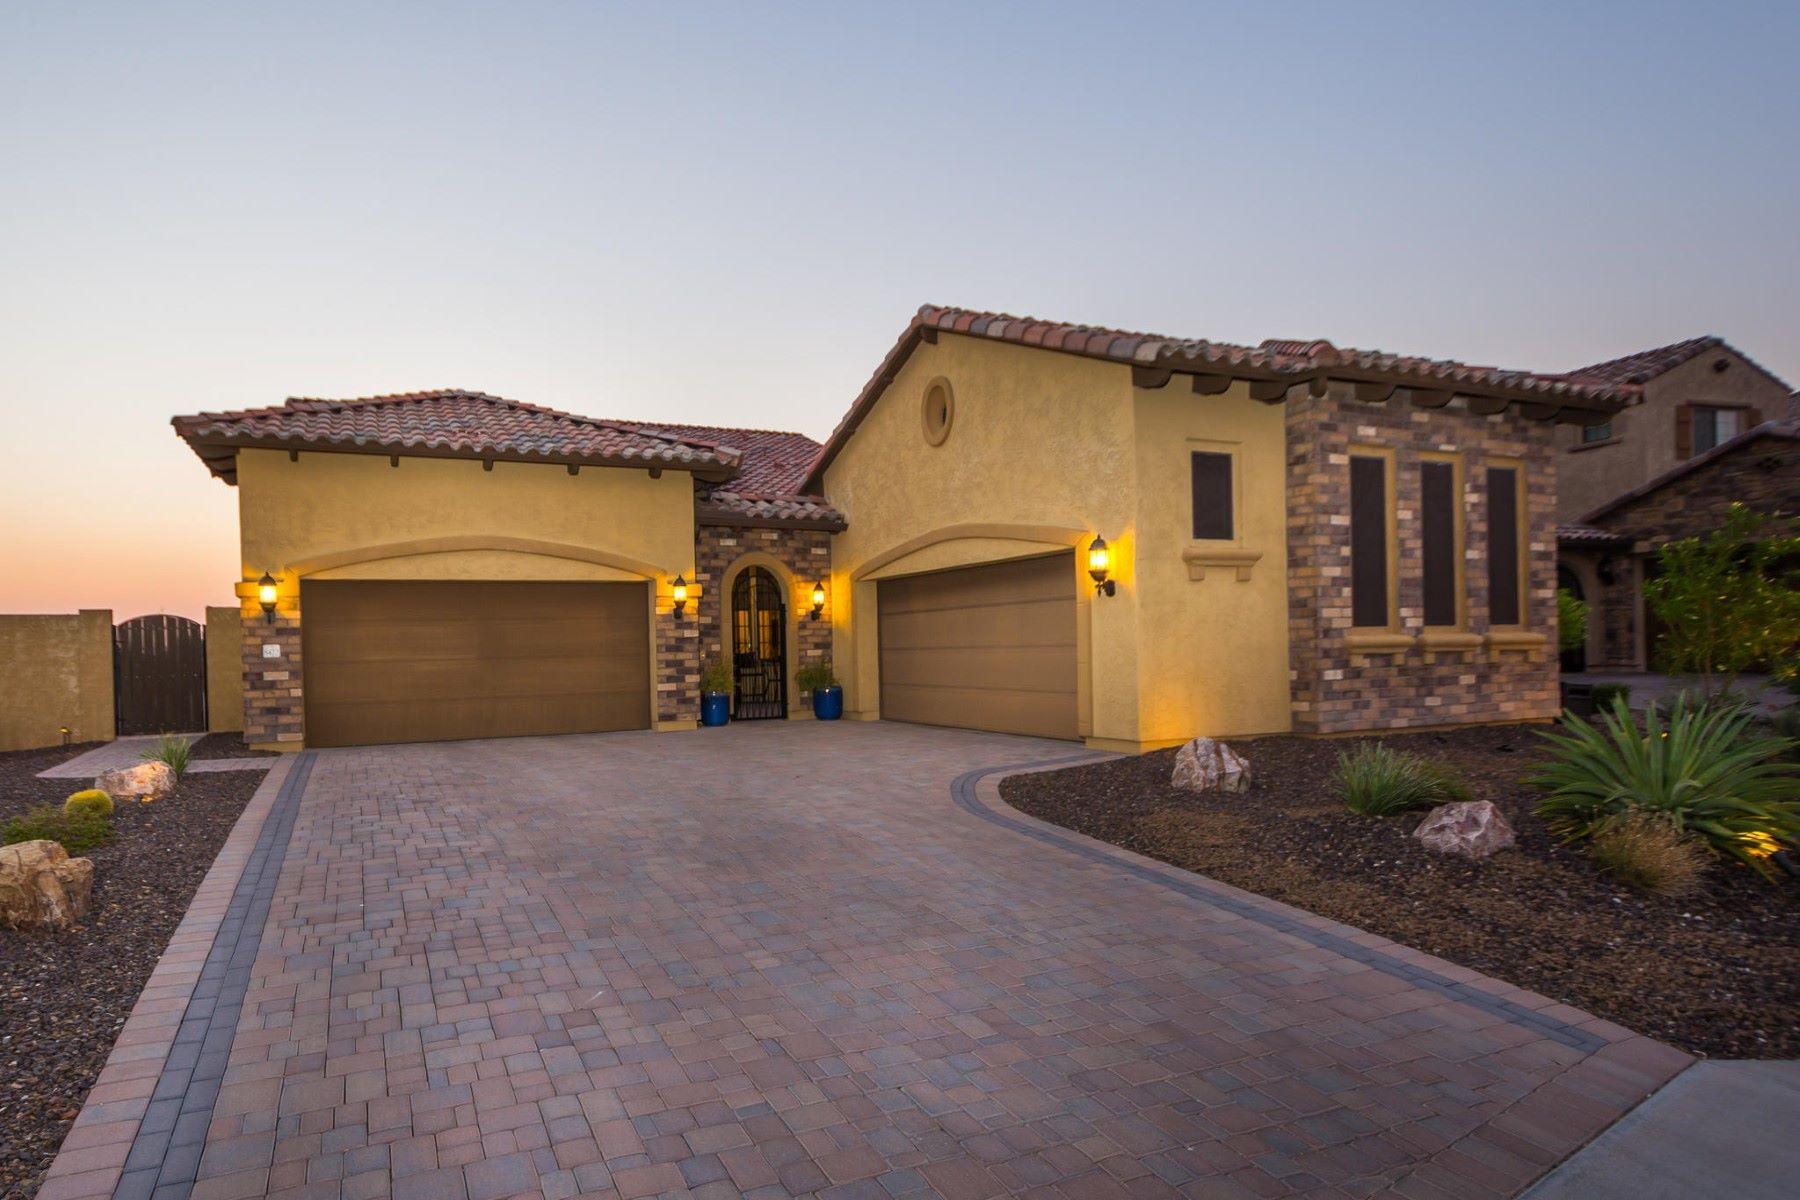 Casa Unifamiliar por un Venta en Resort style living in Mountain Bridge gated community 8422 E Laurel St Mesa, Arizona, 85207 Estados Unidos